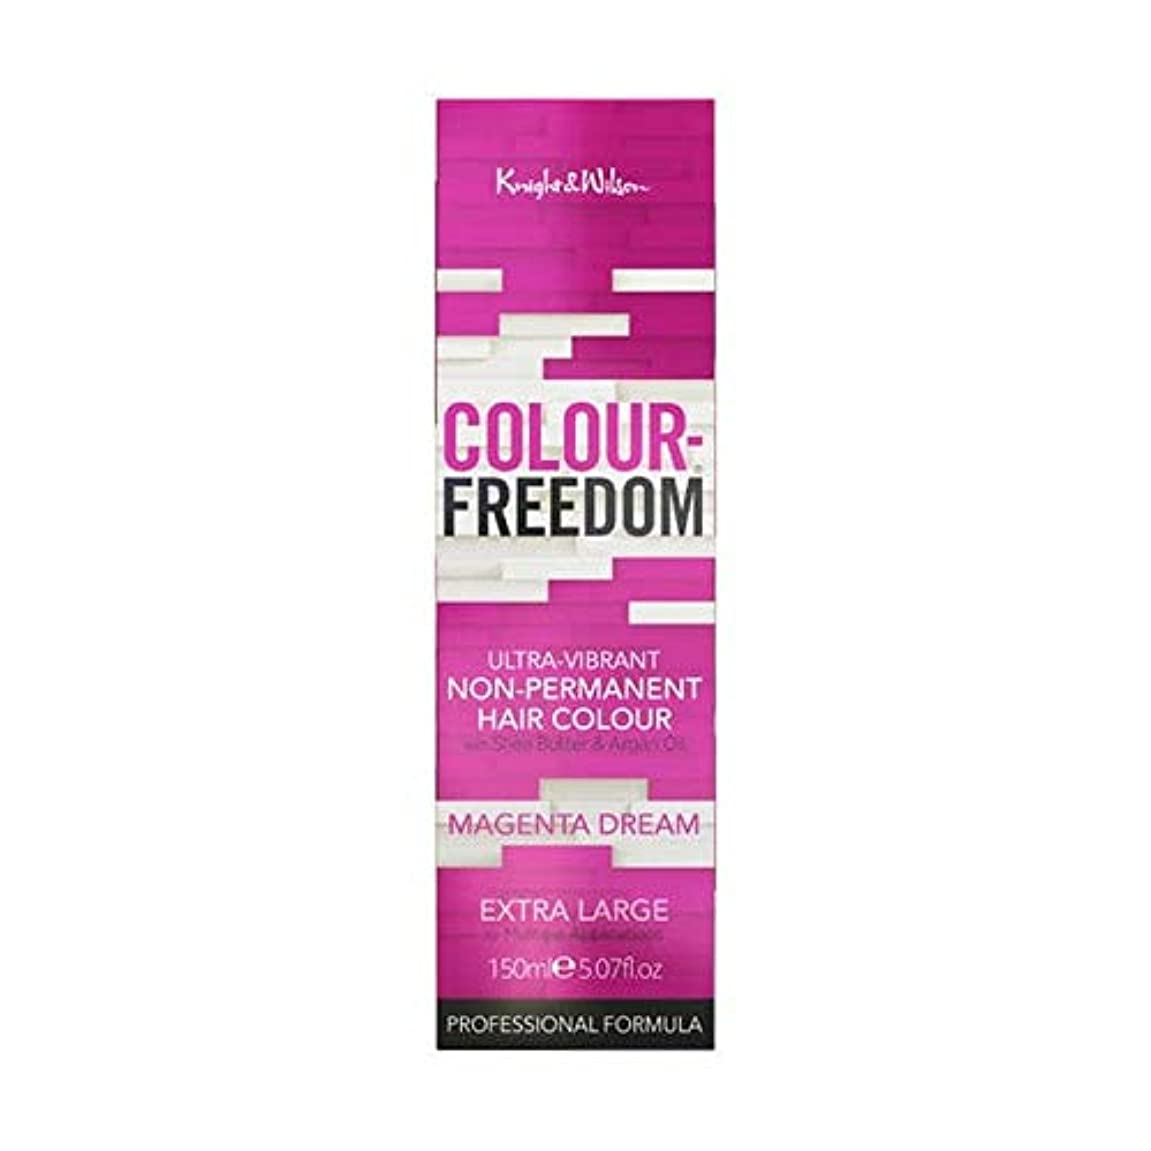 マーカー動機付ける振る舞い[Colour Freedom ] カラー自由マゼンタ夢067 - Colour Freedom Magenta Dream 067 [並行輸入品]